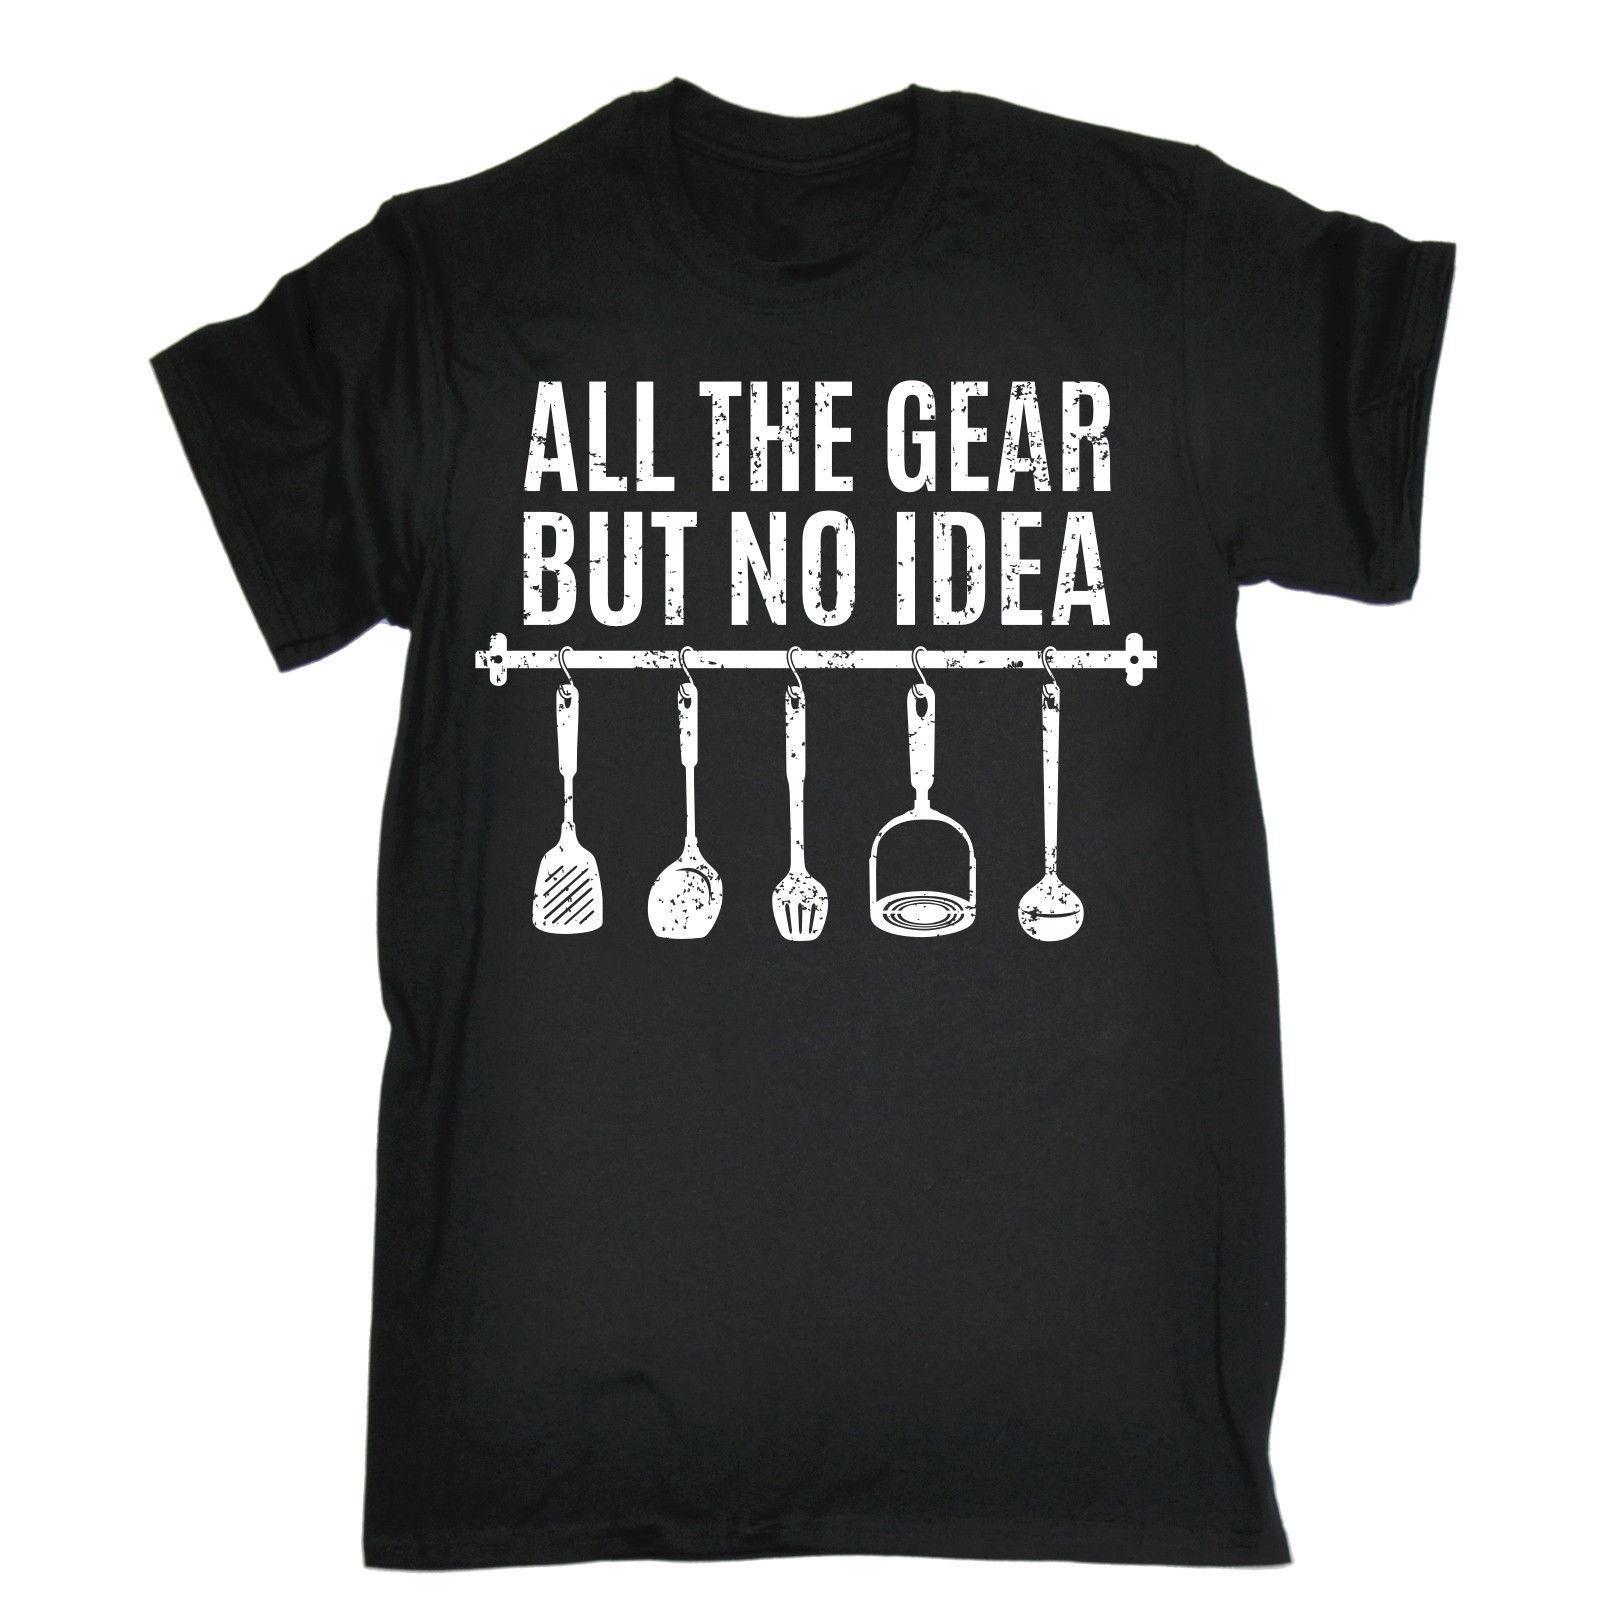 TOUS LES PRODUITS IDEA USTENSILES T-SHIRT de cuisine drôle de cadeau d'anniversaire 123T pas cher Prix 0% Coton T-shirt confortable